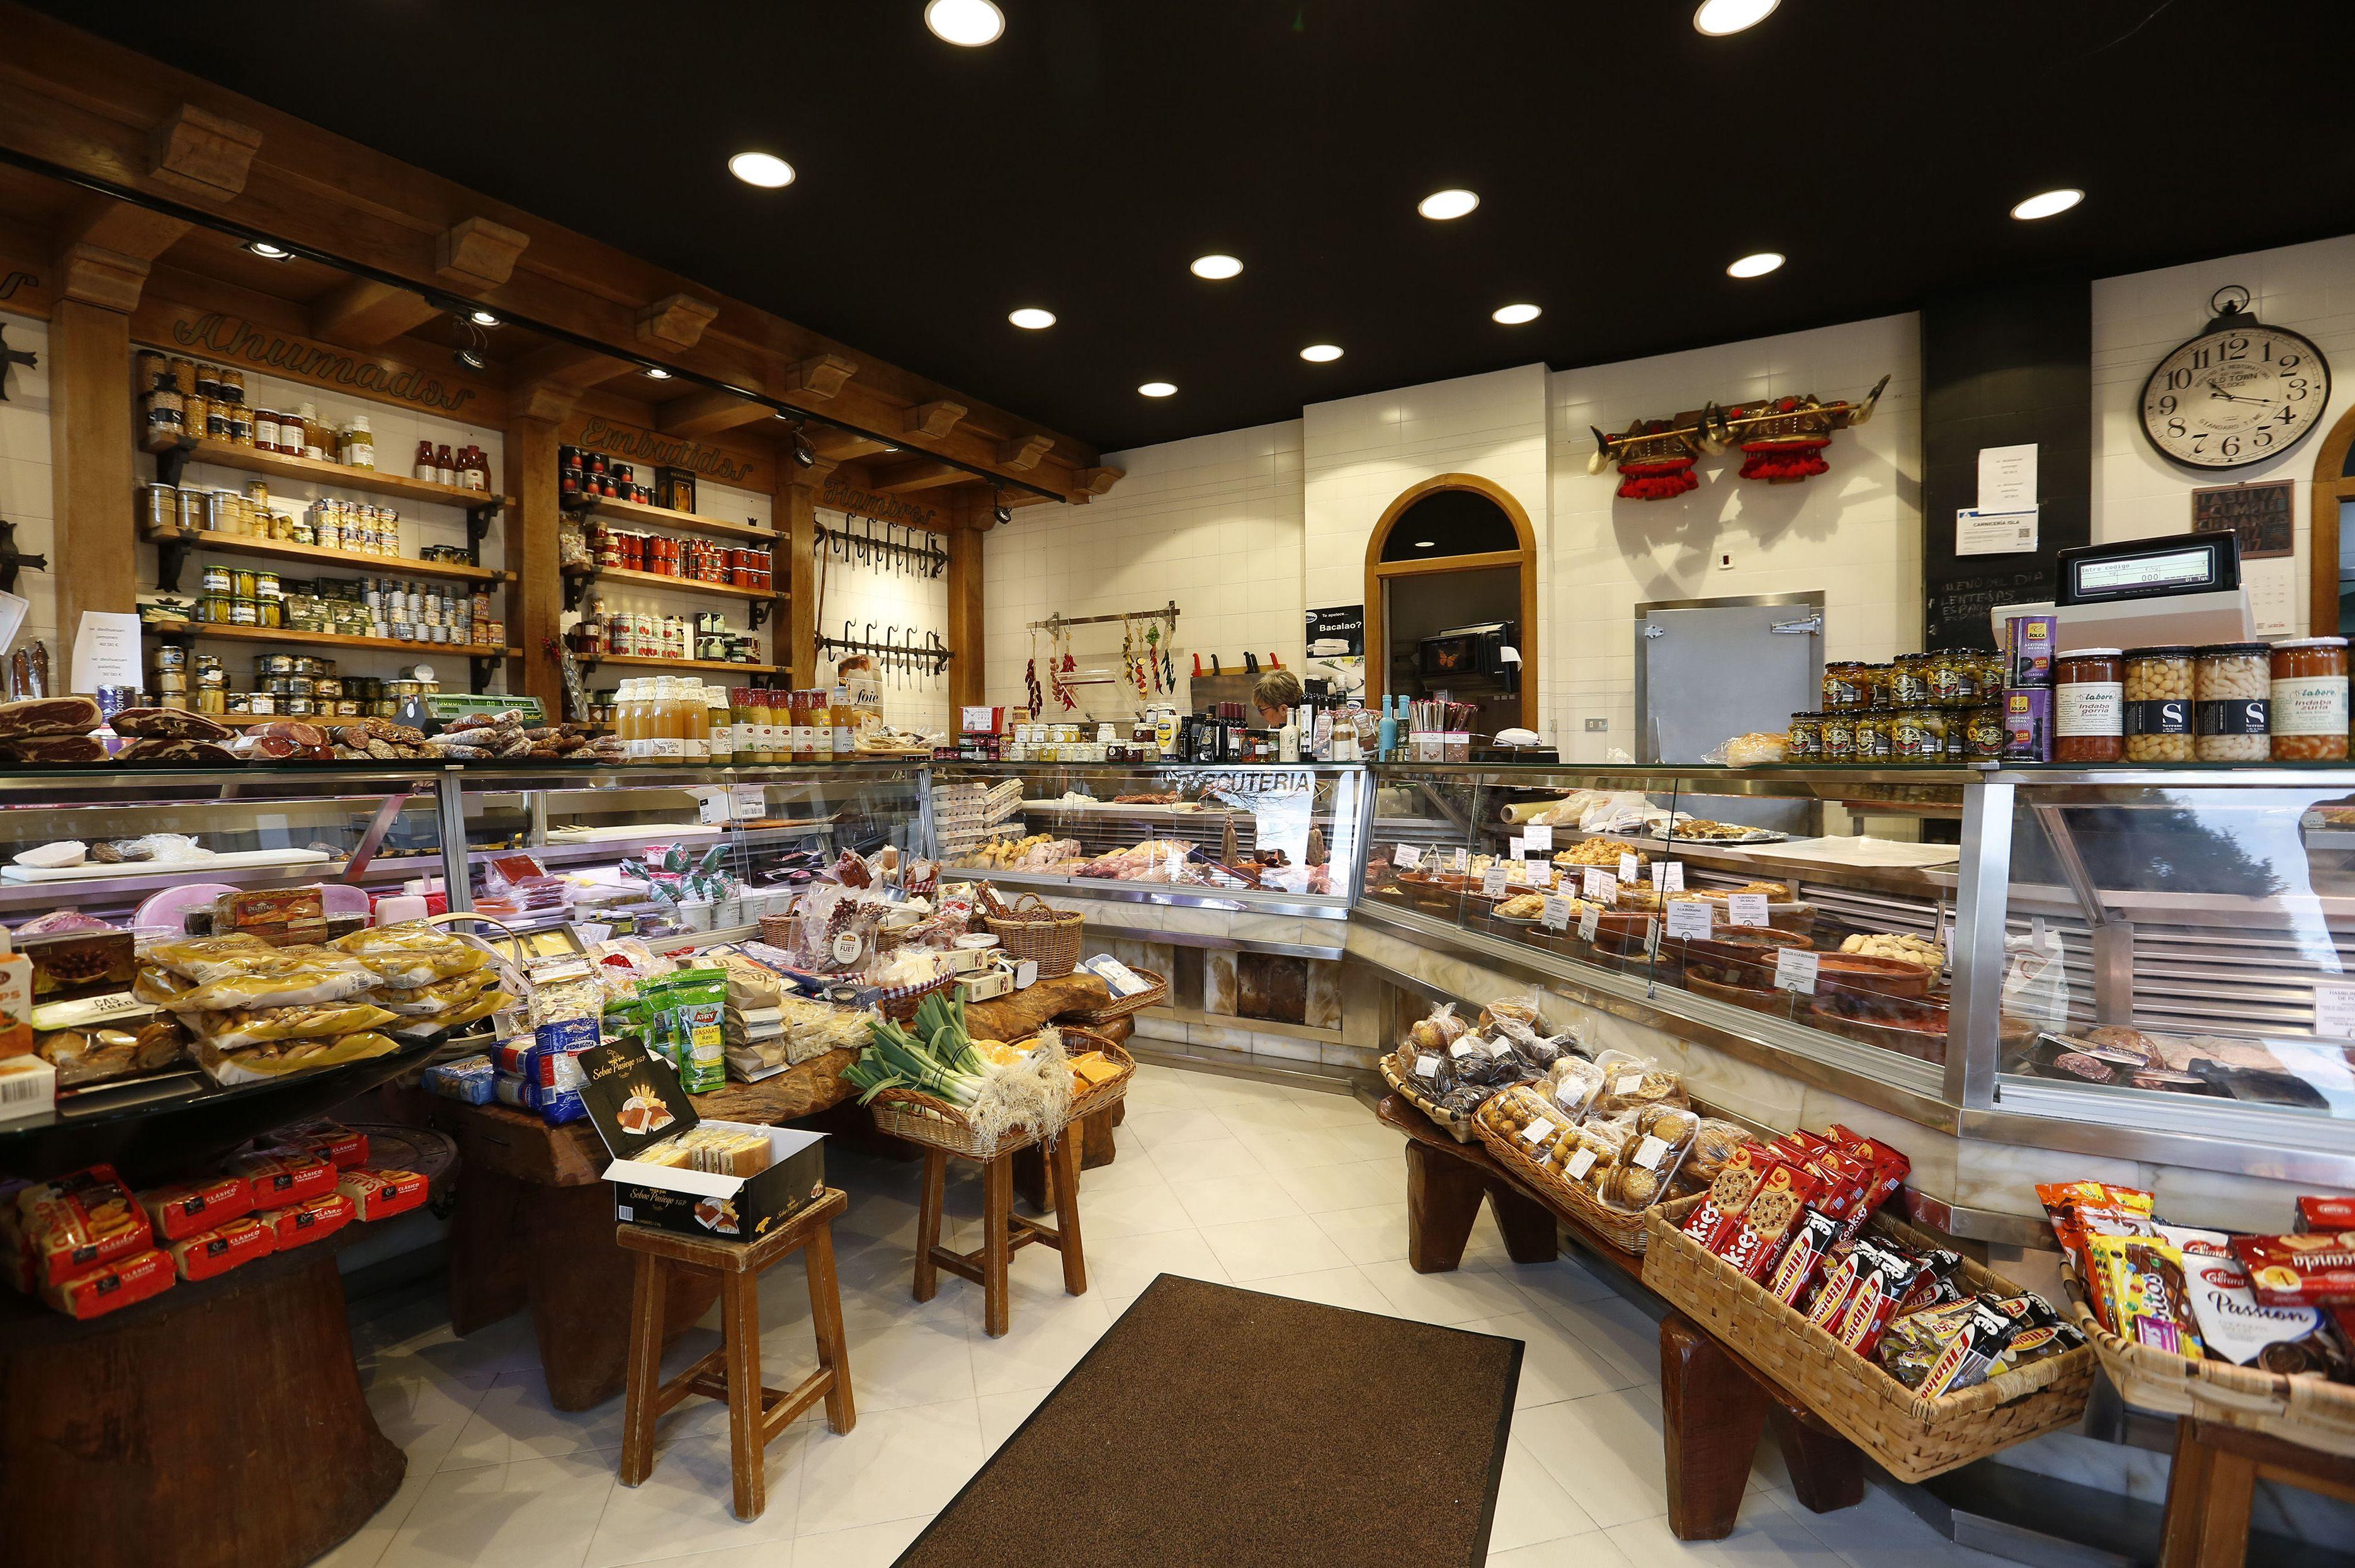 Carnes selectas y comida preparada en Santa María de Getxo